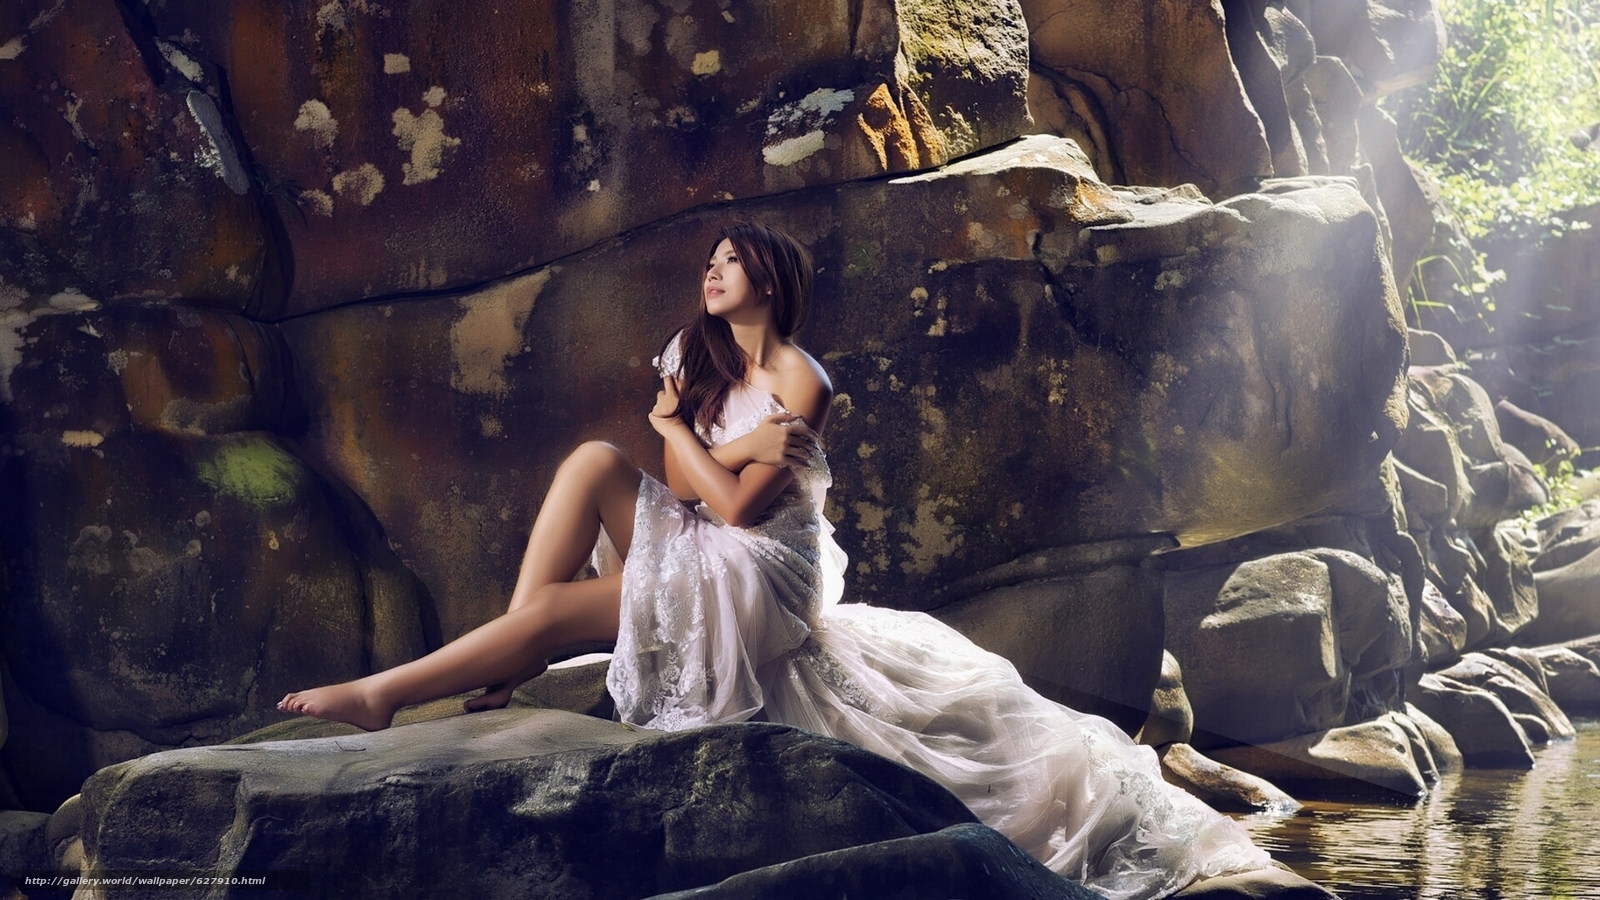 Скачать обои азиатка,  невеста,  платье,  настроение бесплатно для рабочего стола в разрешении 1920x1080 — картинка №627910